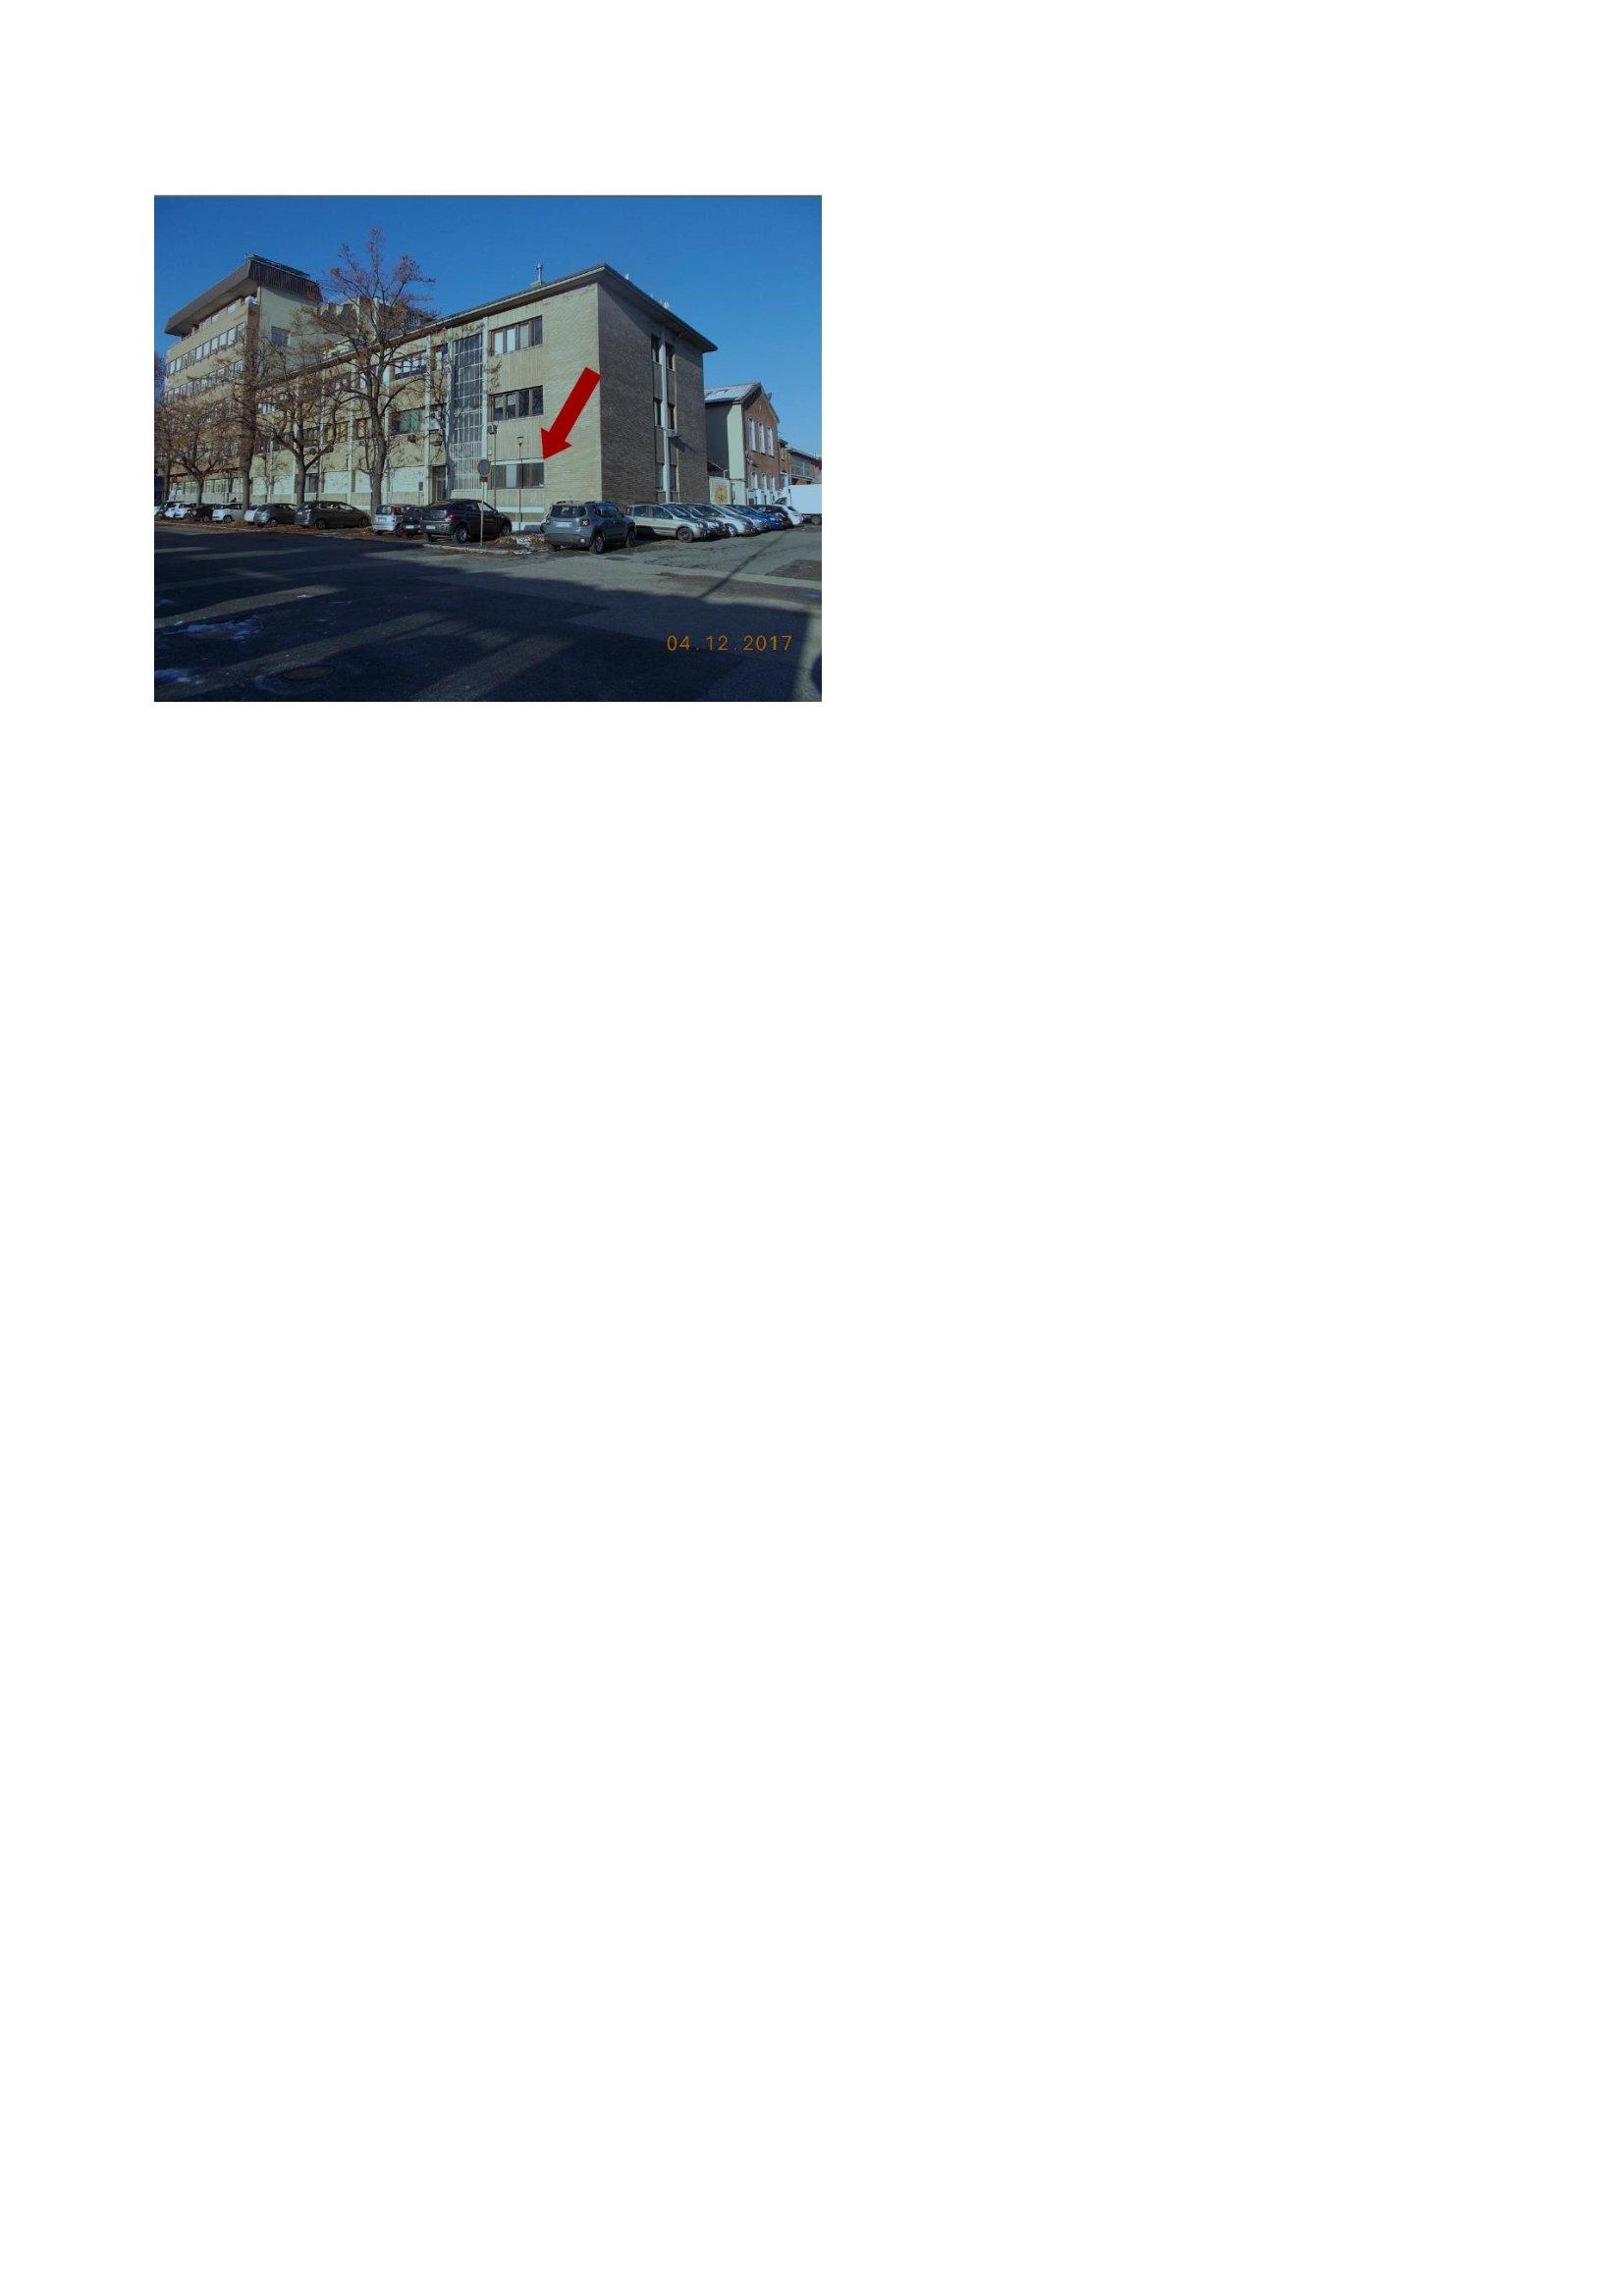 Ufficio in vendita Rif. 10905610